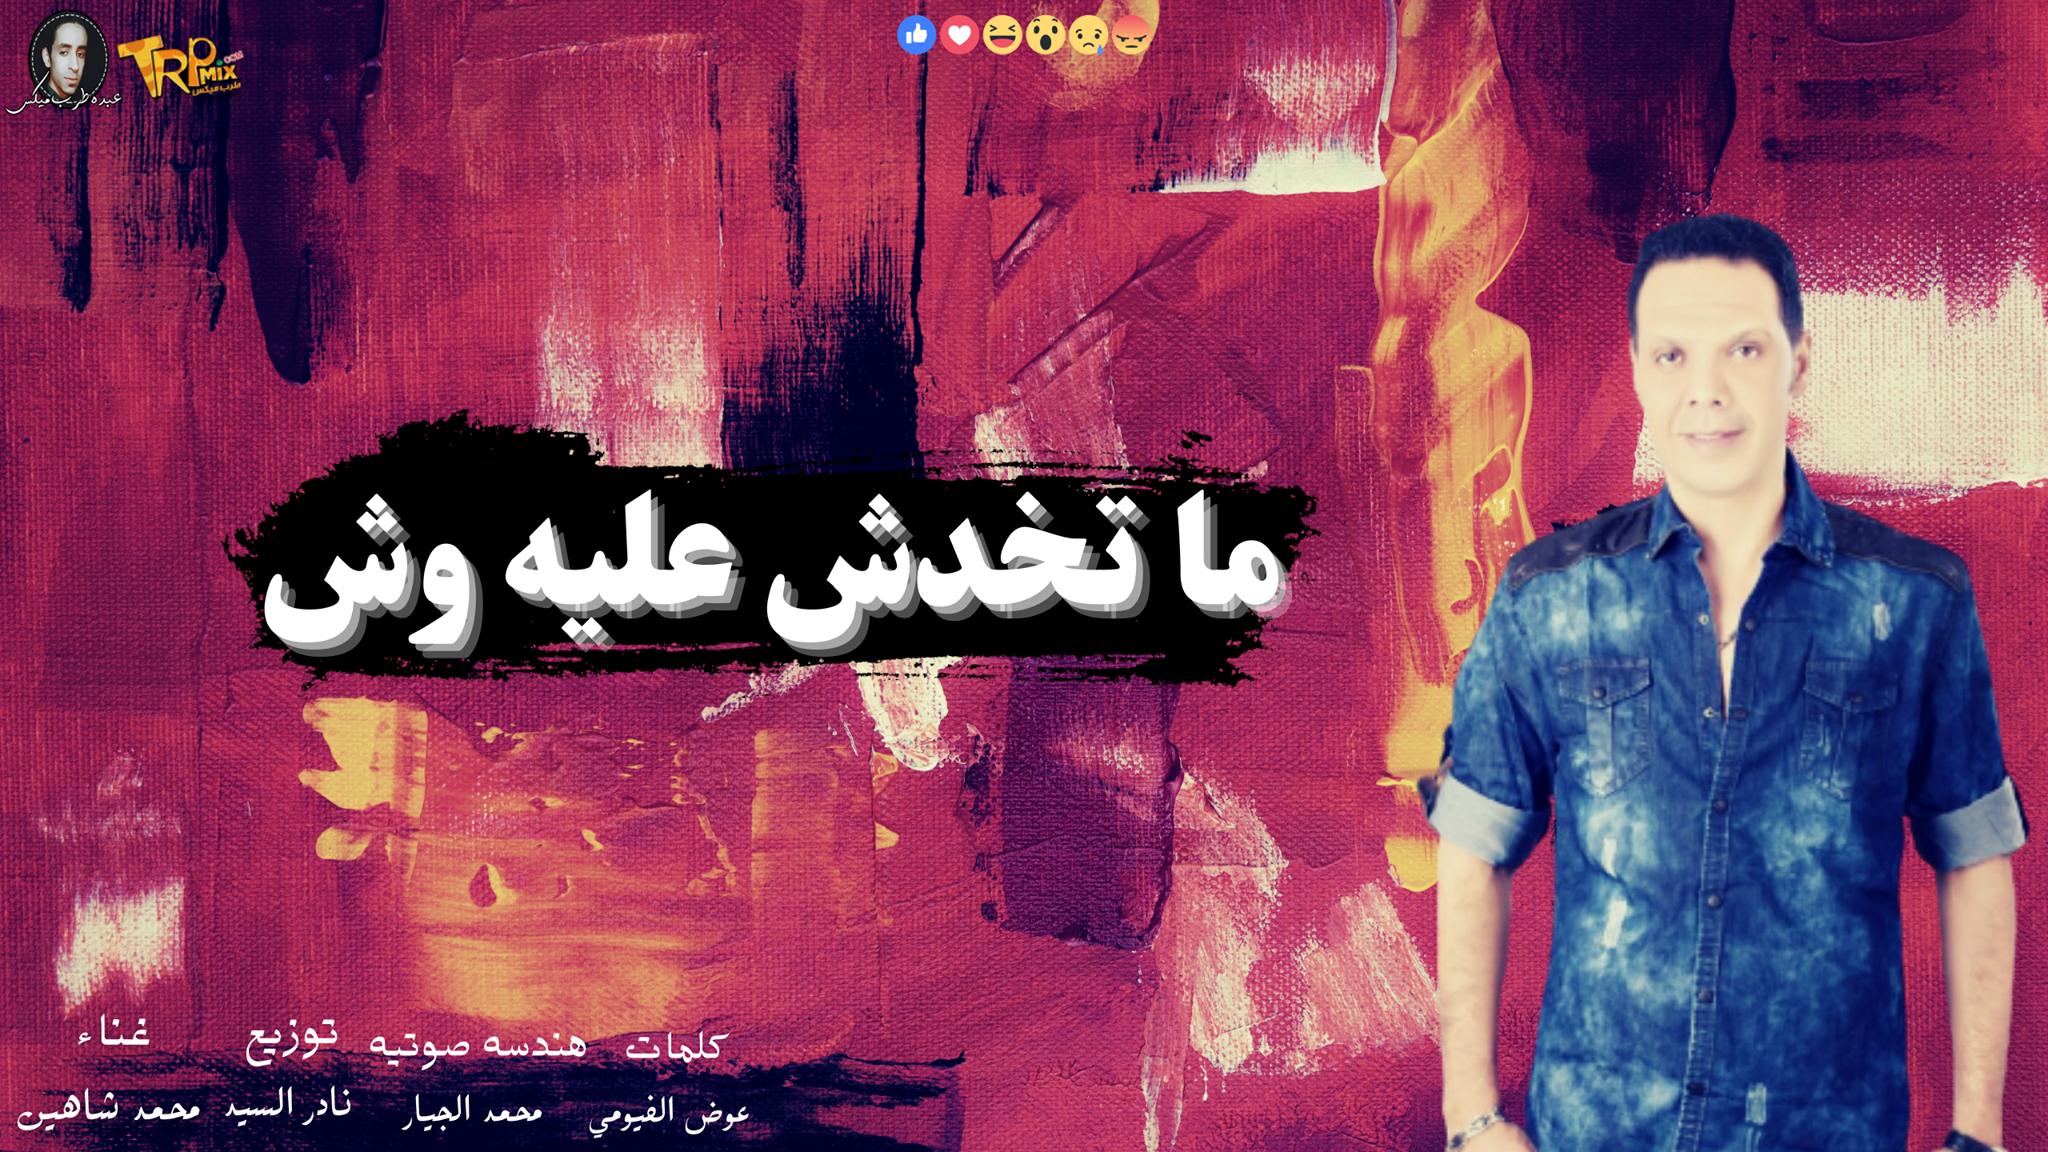 """اغنيه """" ماتخدش عليه وش """" محمد شاهين توزيع نادر السيد 2021"""